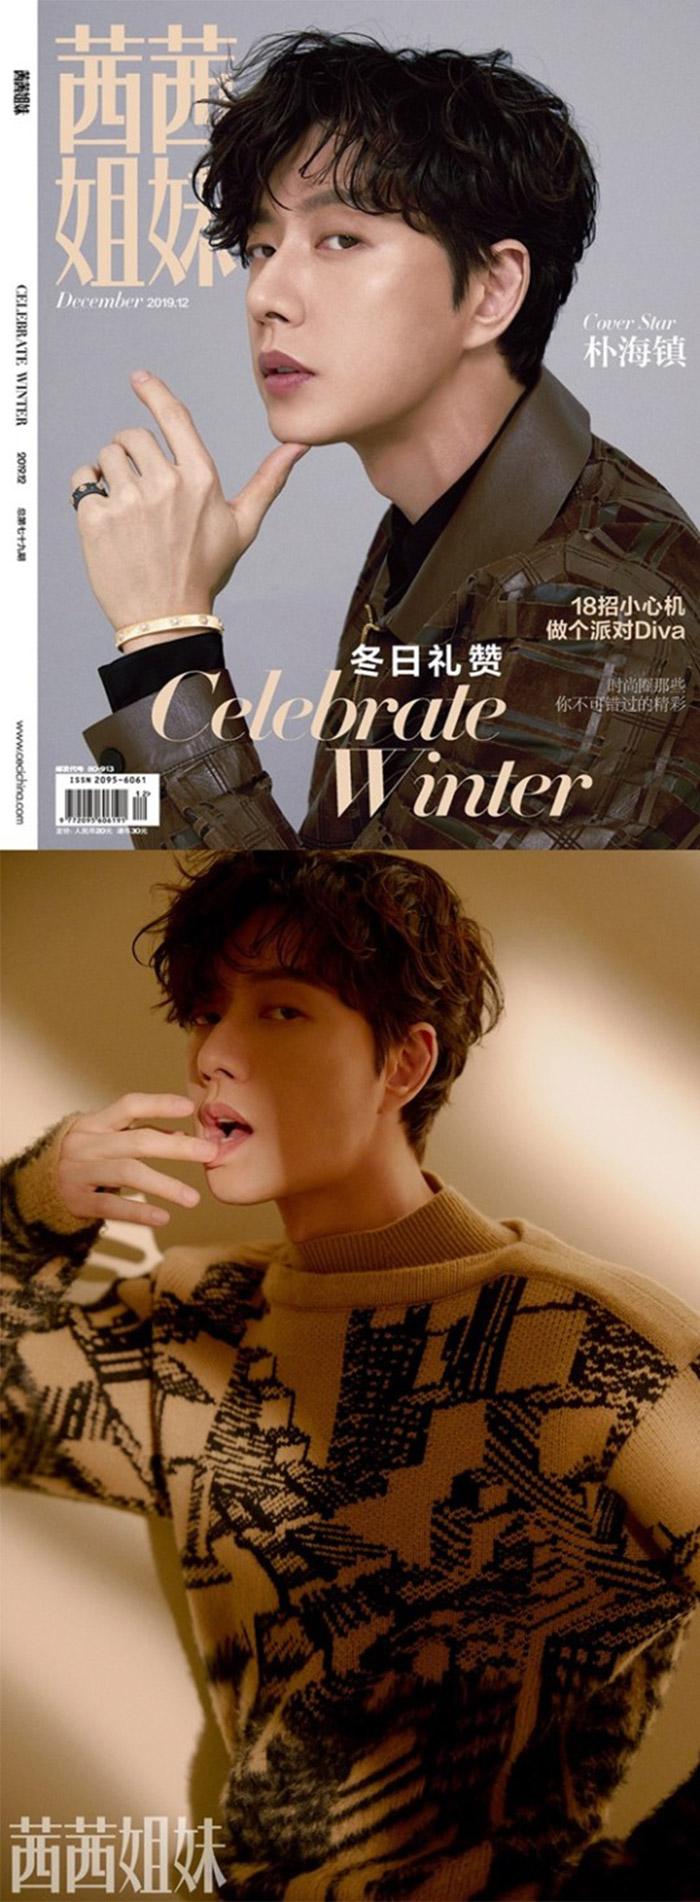 [韩国普通]朴海镇,《茜茜姐妹 ceci China》12月封面模特粉丝满满的爱